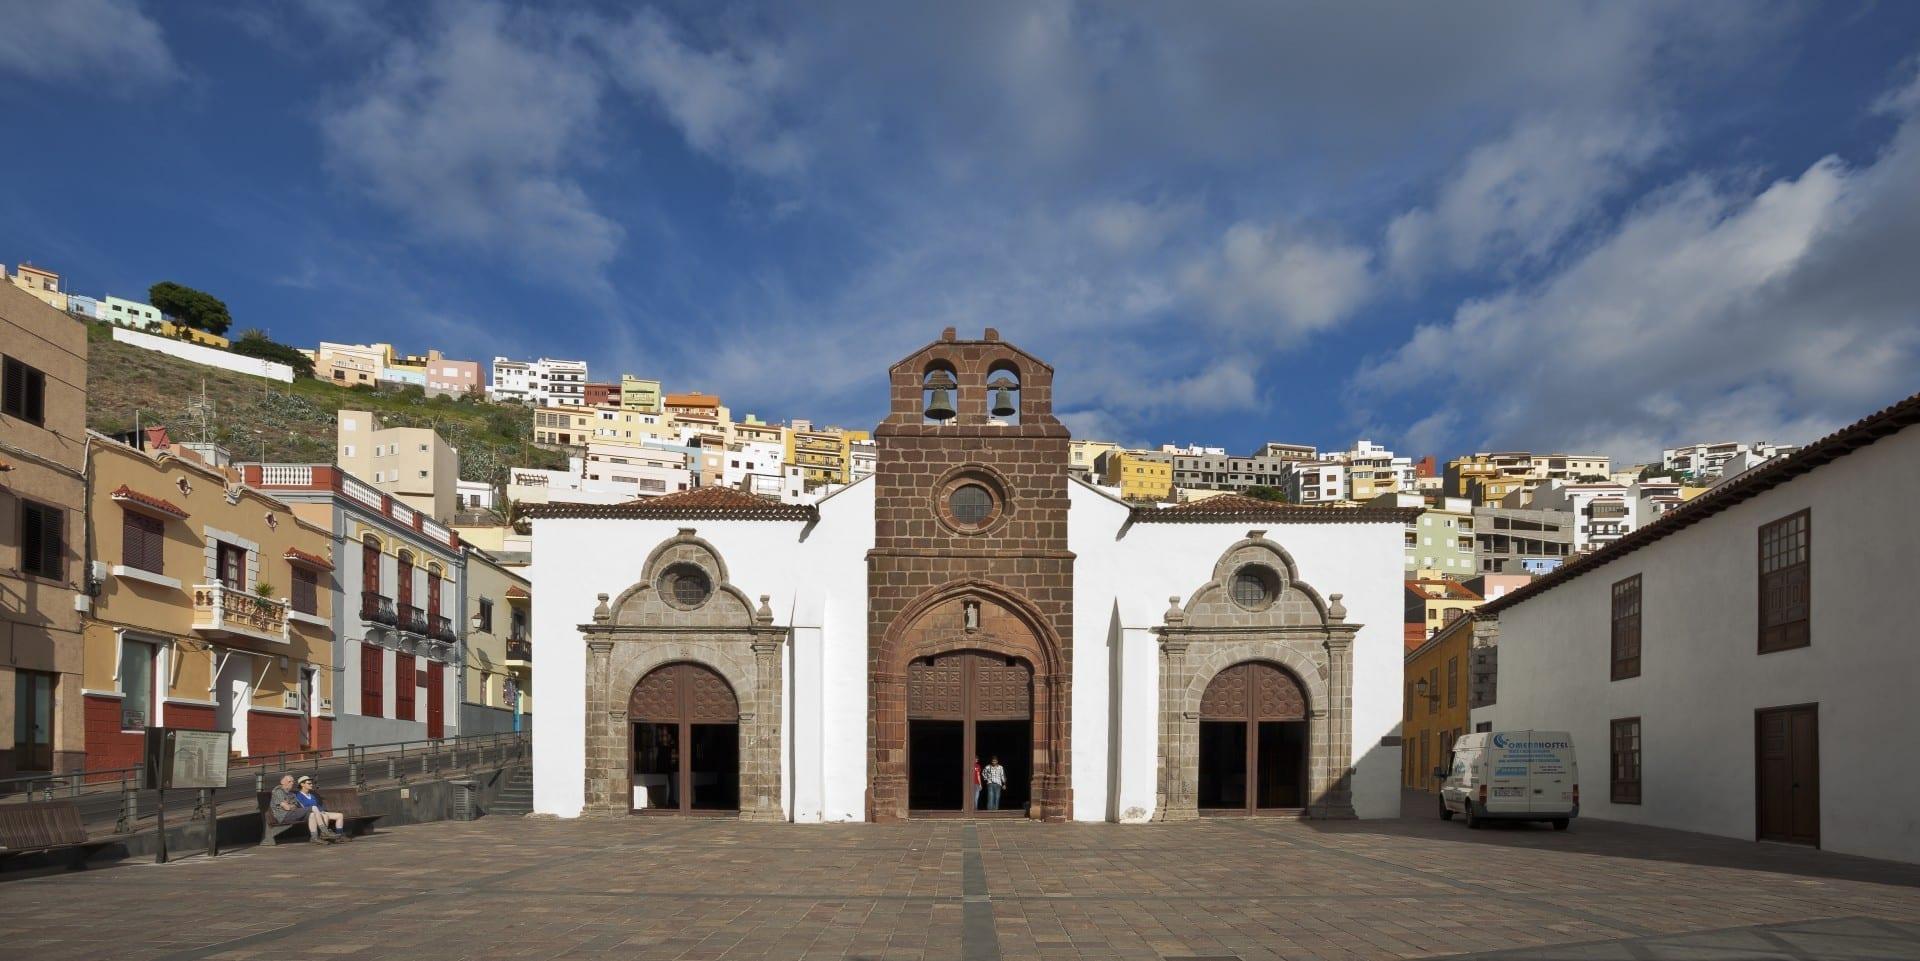 Vista de la fachada de la Iglesia de Nuestra Señora de la Asunción y del pueblo de San Sebastián de la Gomera La Gomera España